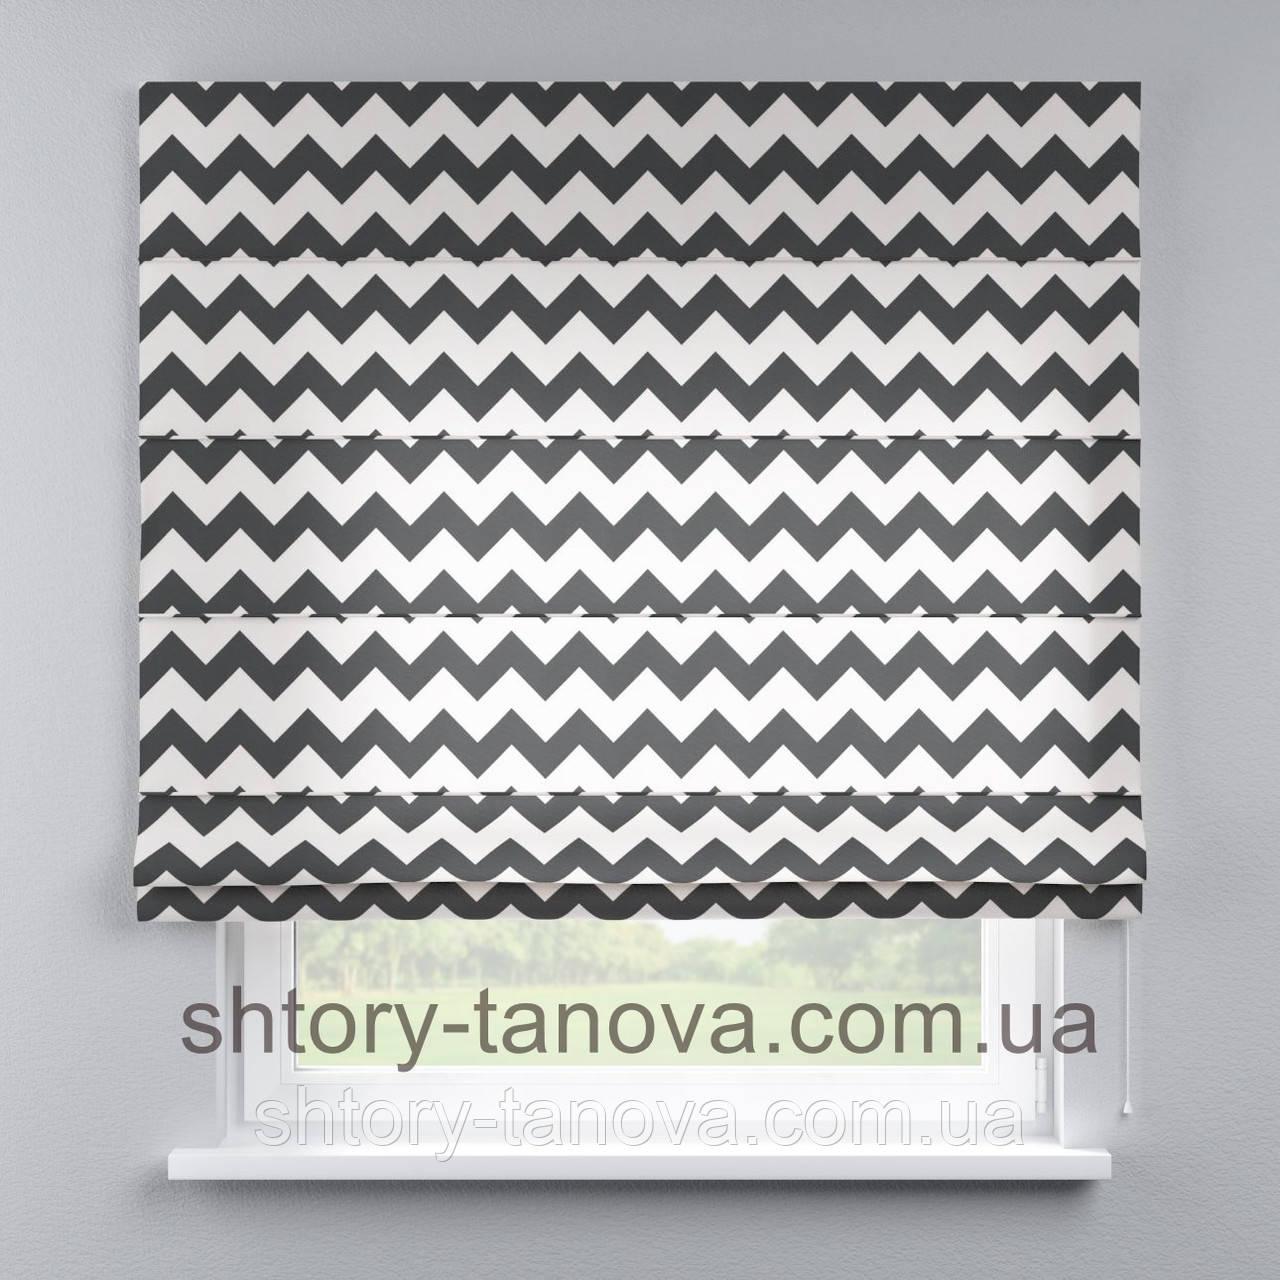 Римская штора с принтом, бело-чёрный зигзаг 160x170 см